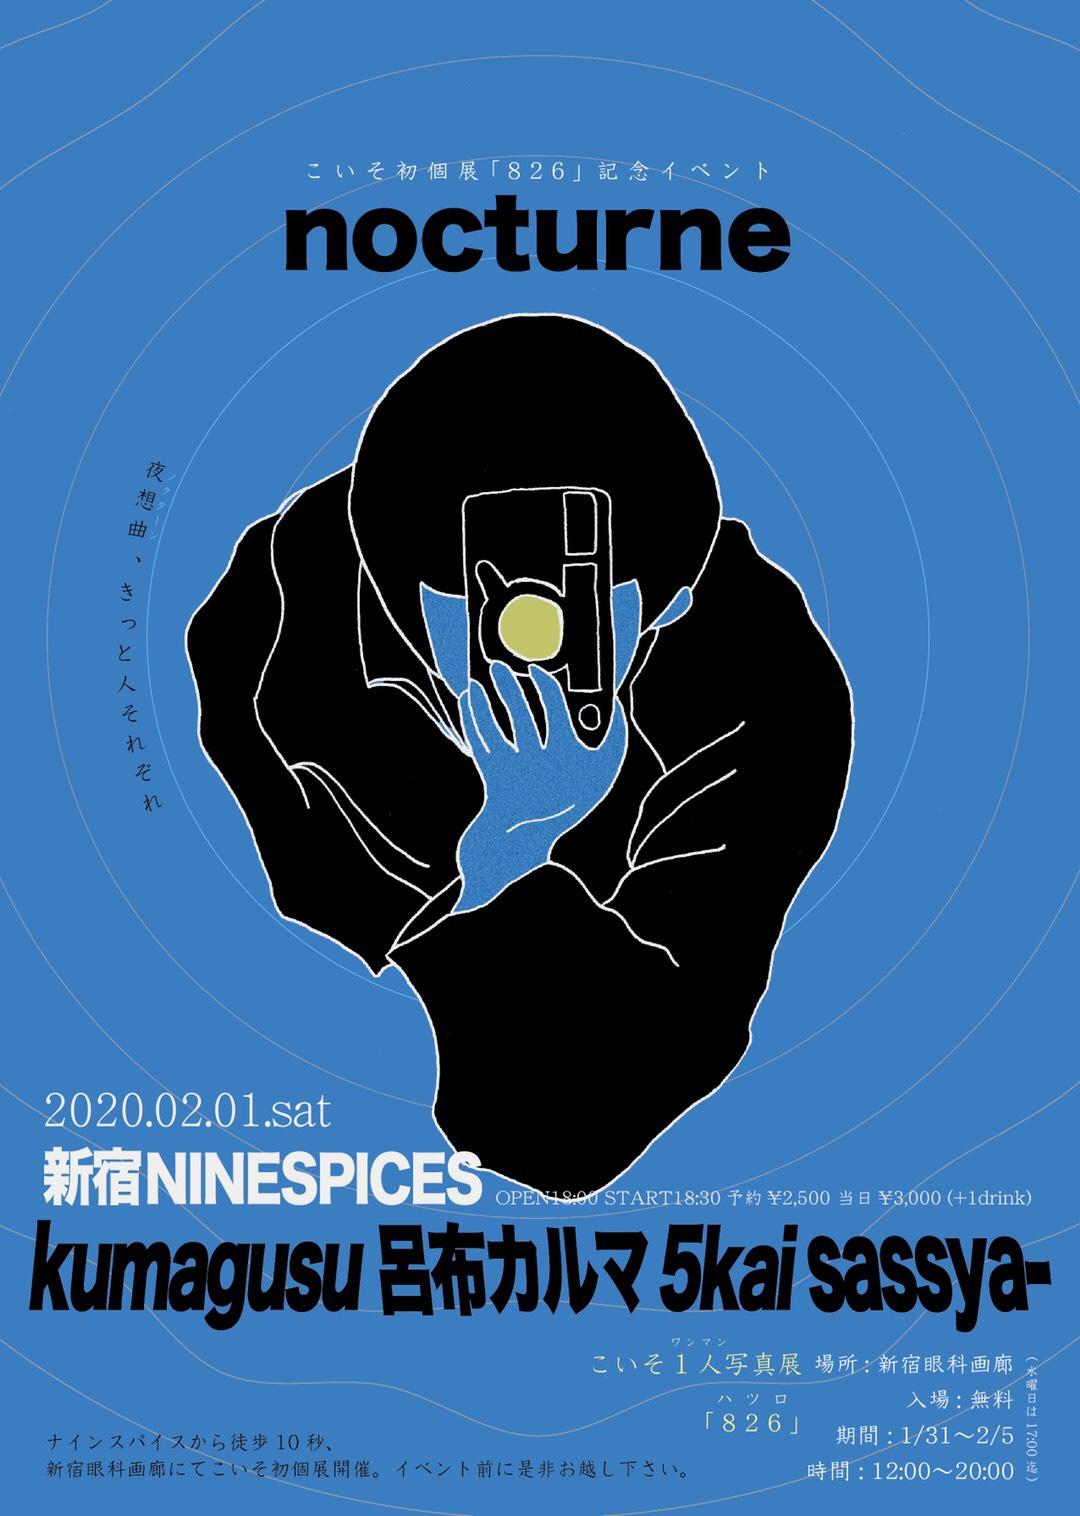 こいそ初個展「826」 記念イベント<br>「nocturne」